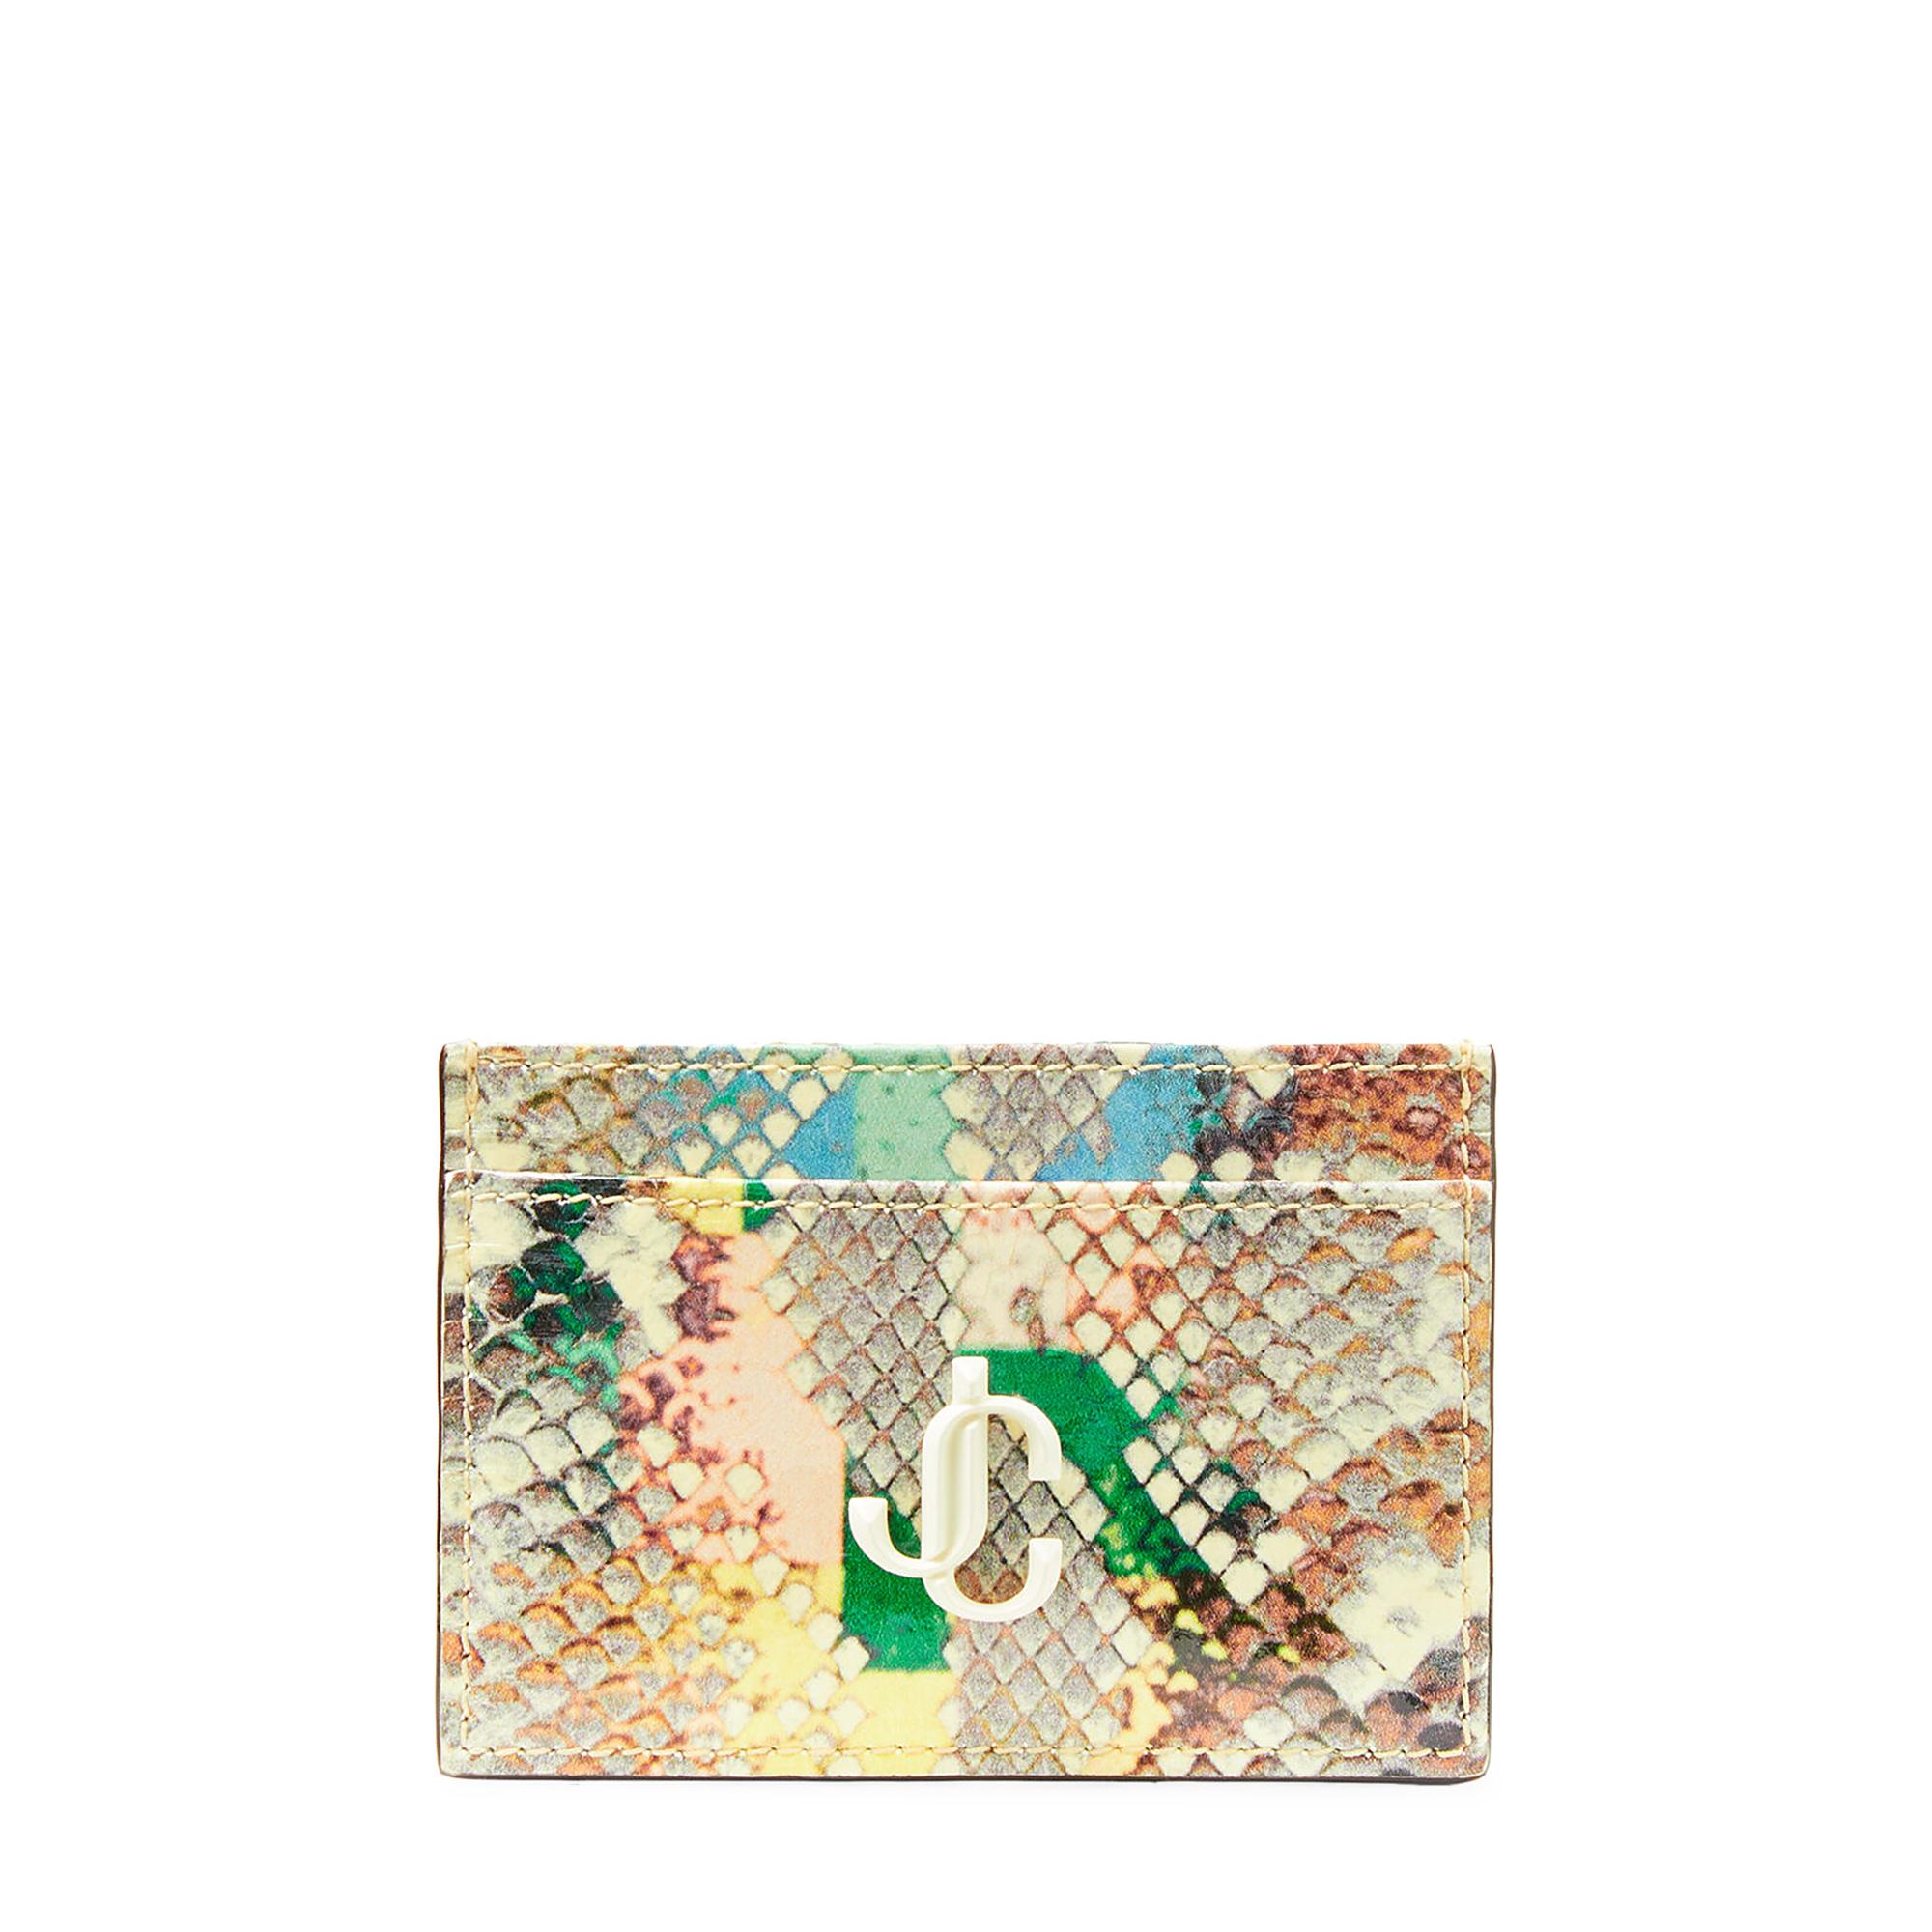 Umika cardholder